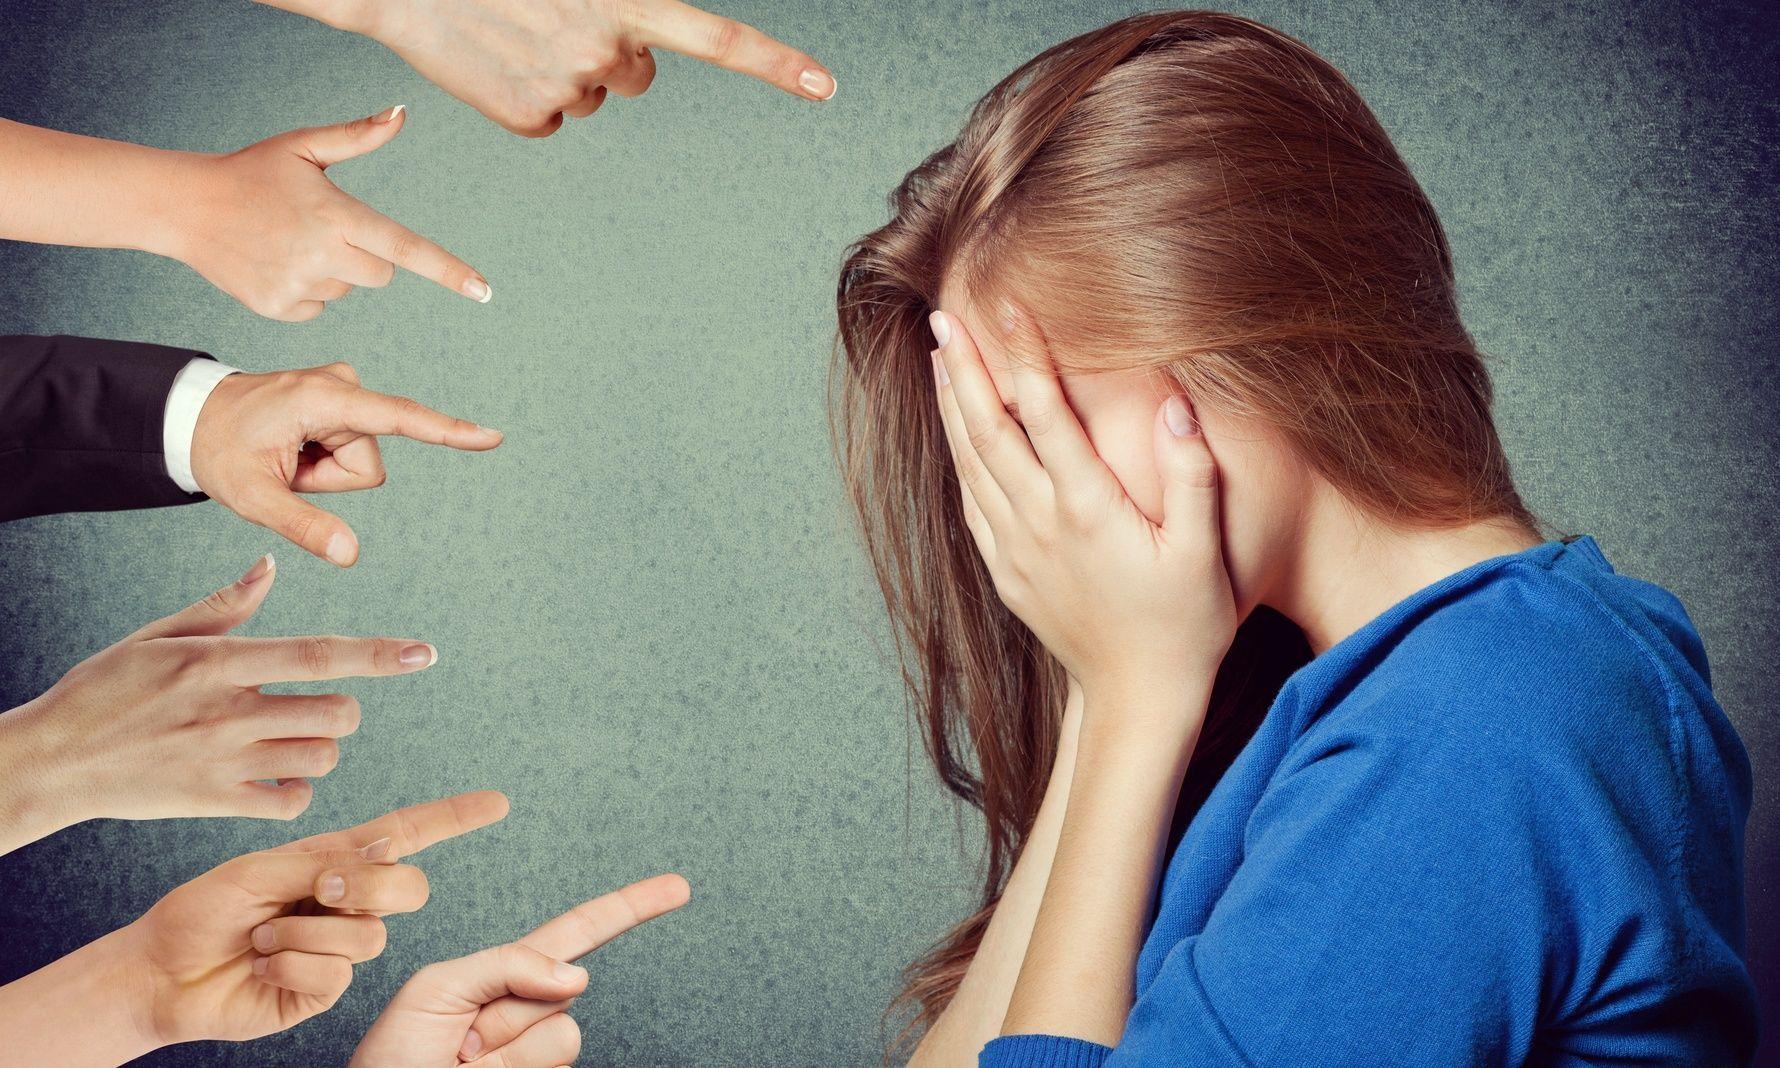 femme pointée des doigts